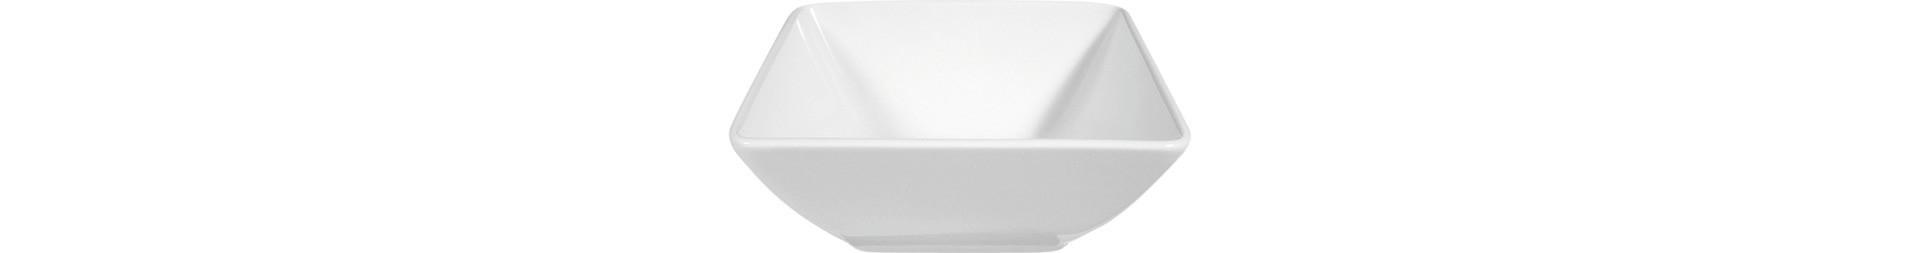 Buffet Gourmet, Bowl 150 x 150 mm / 0,60 l